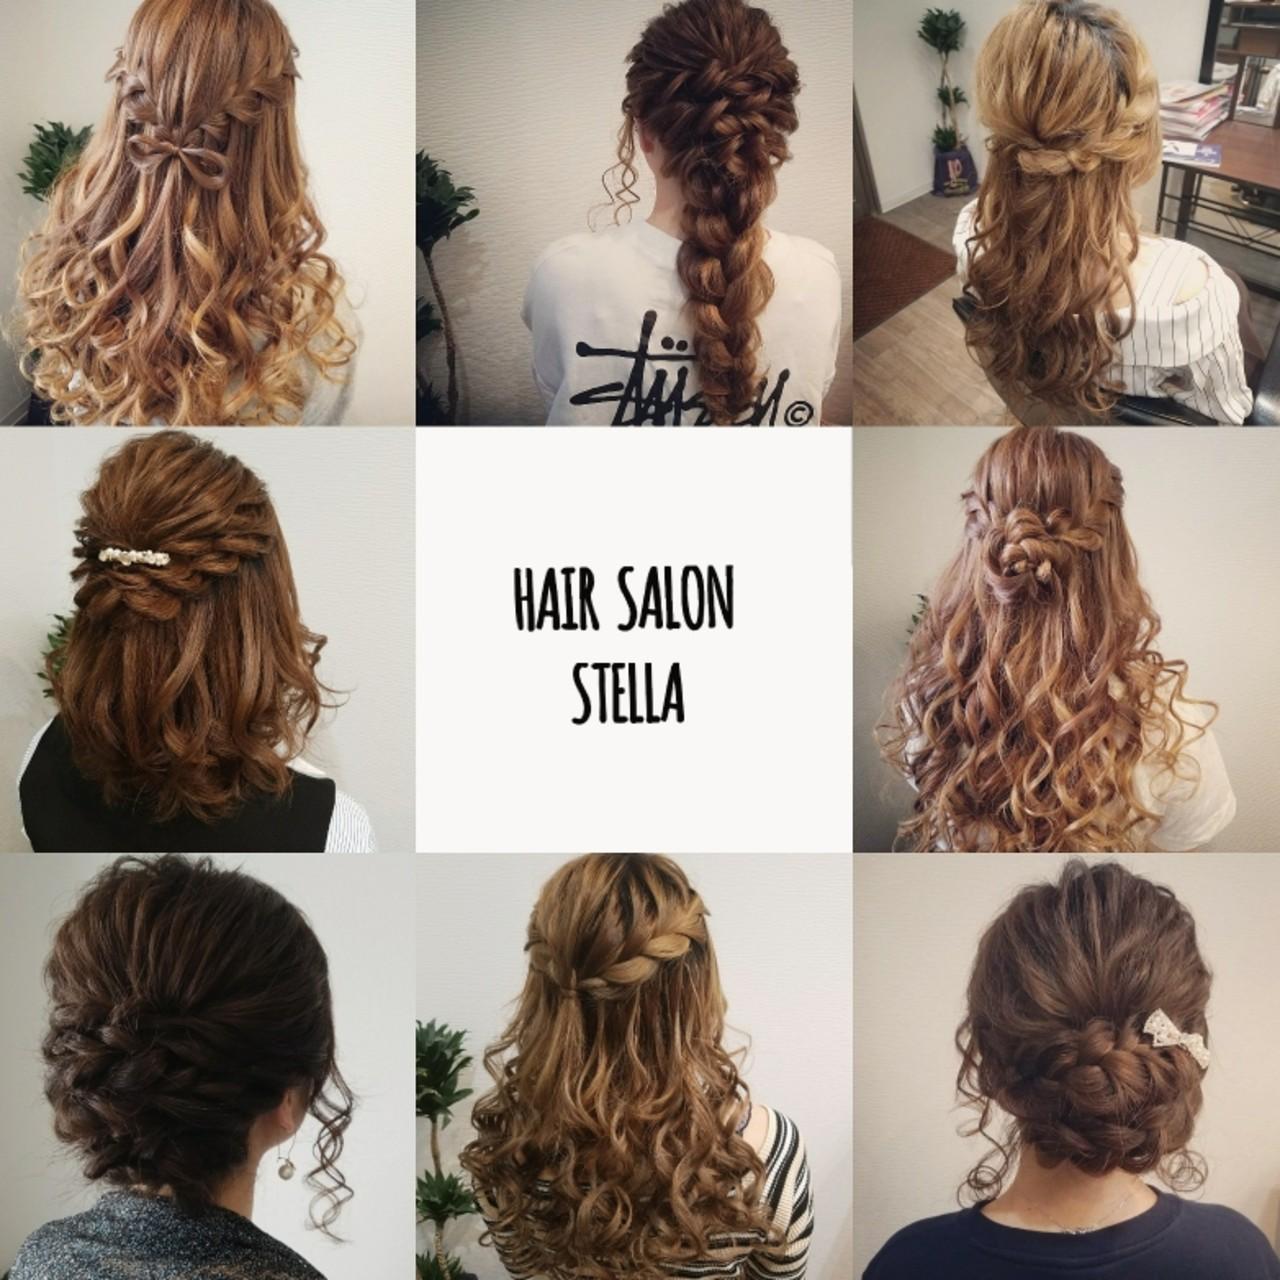 フェミニン ハーフアップ セミロング 編み込み ヘアスタイルや髪型の写真・画像 | mai / HAIR SALON STELLA